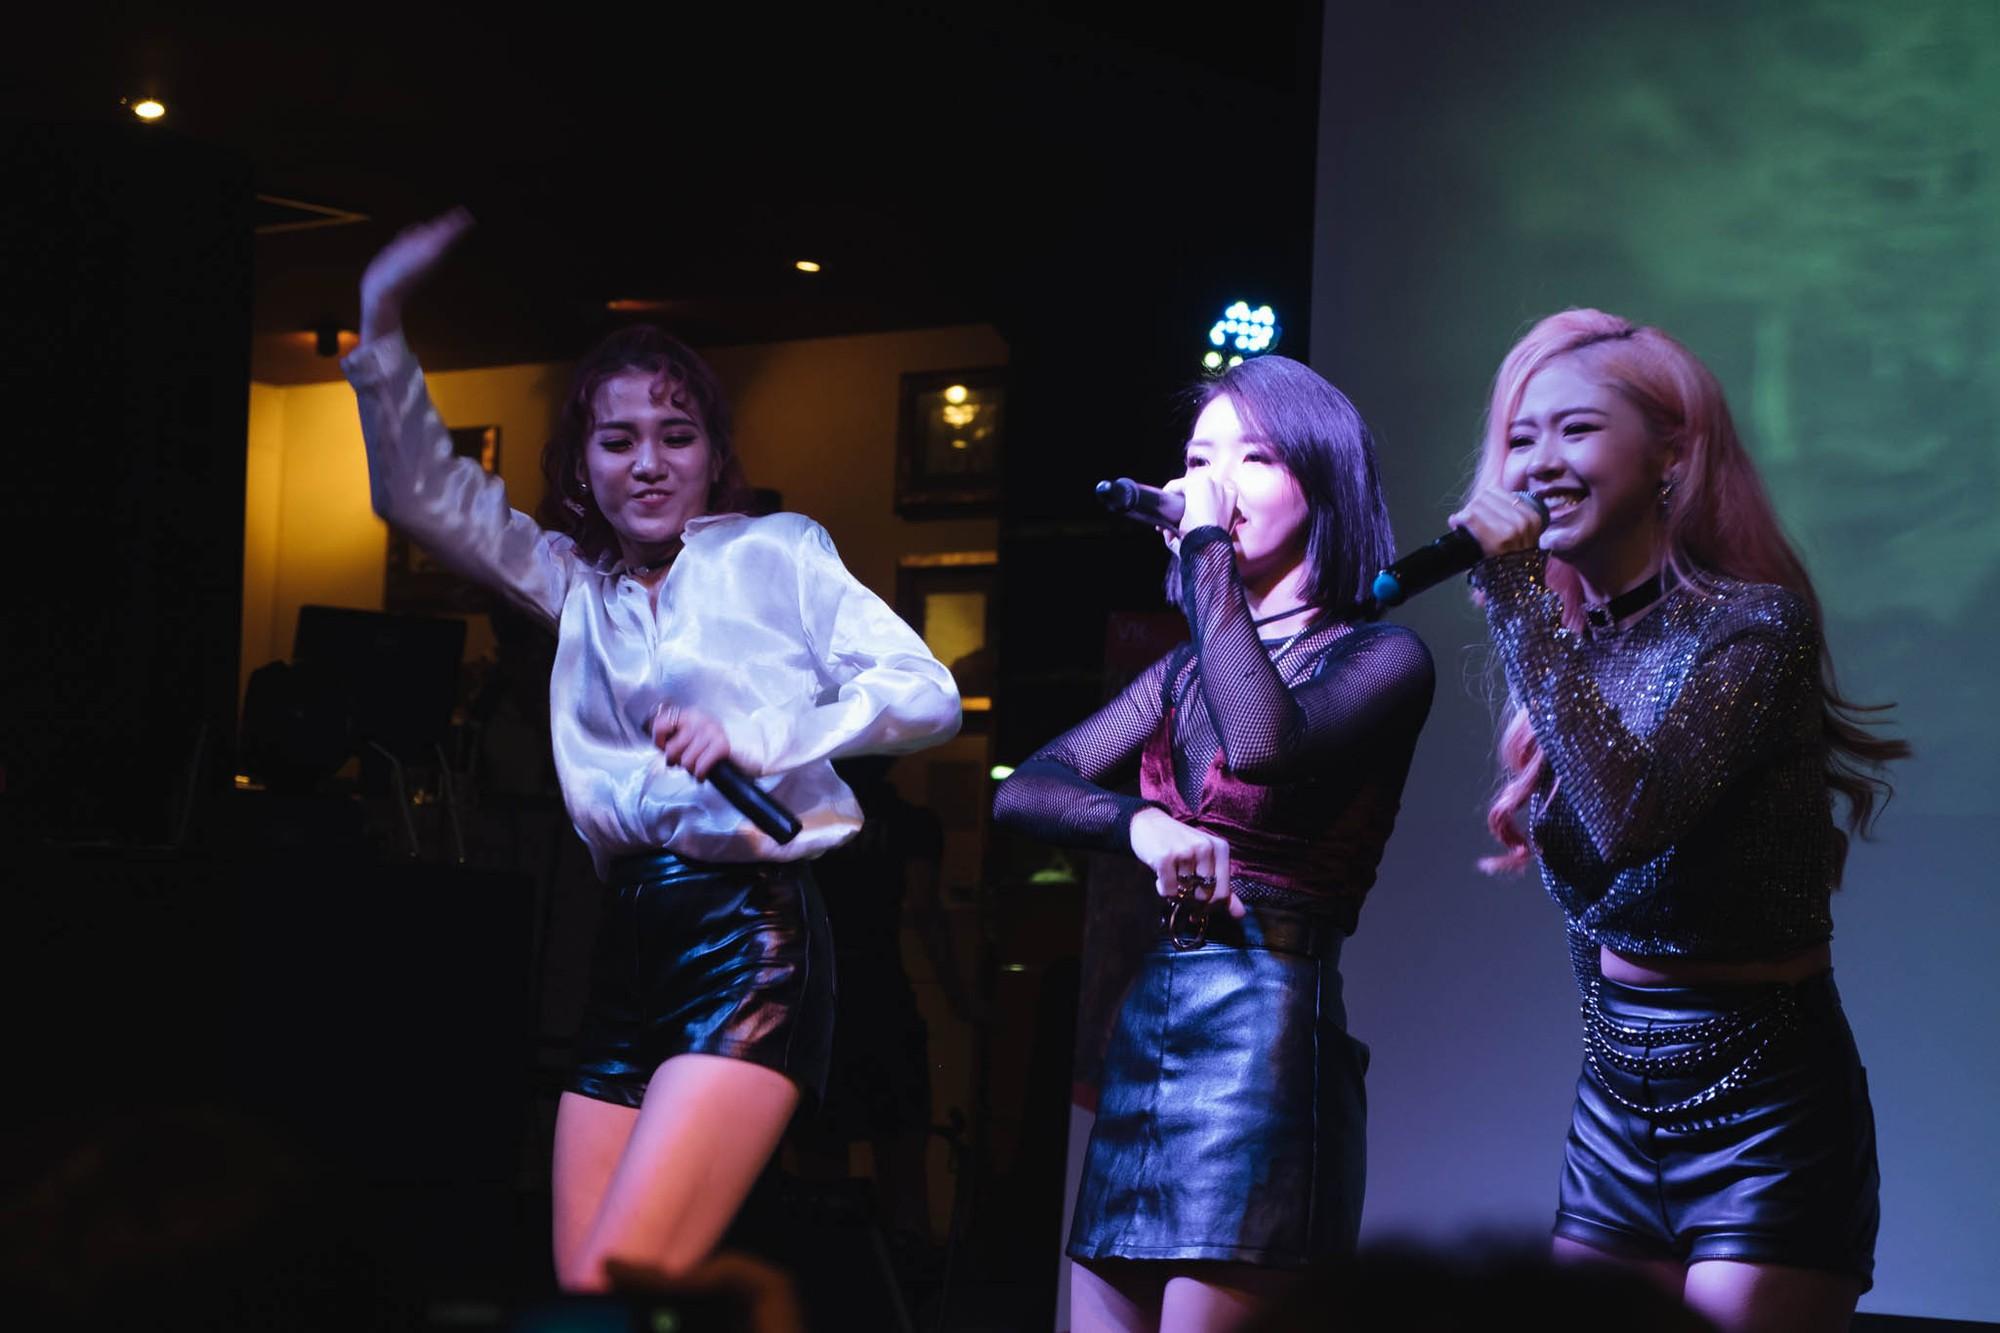 Từ bỏ hình ảnh dễ thương, LIME hóa thân thành những cô nàng tiệc tùng sexy trong MV mới - Ảnh 3.